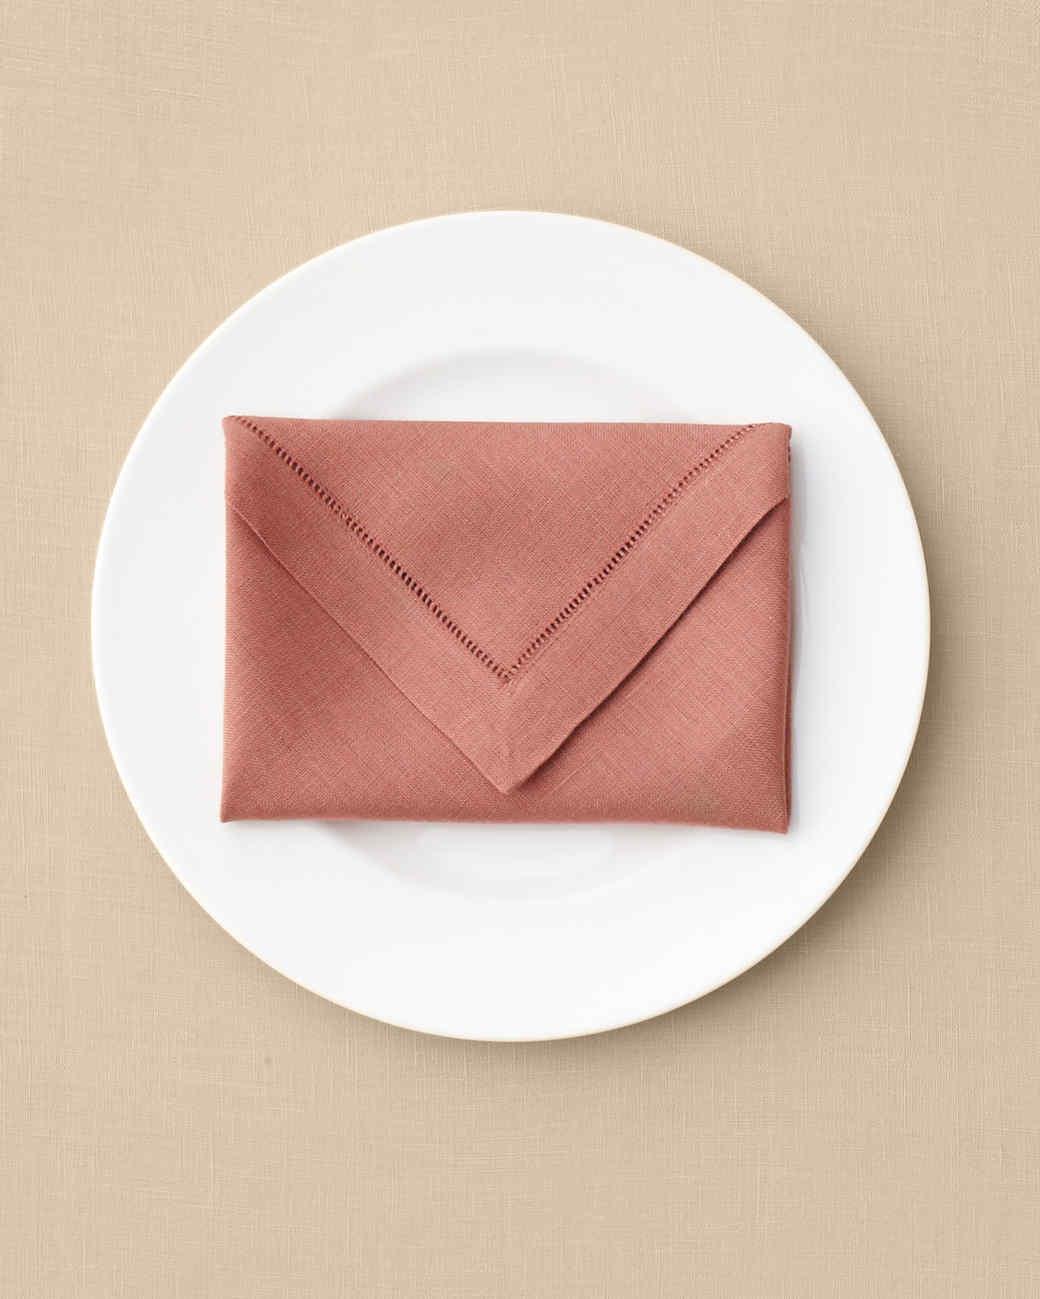 How to Fold a Napkin 15 Ways | Martha Stewart